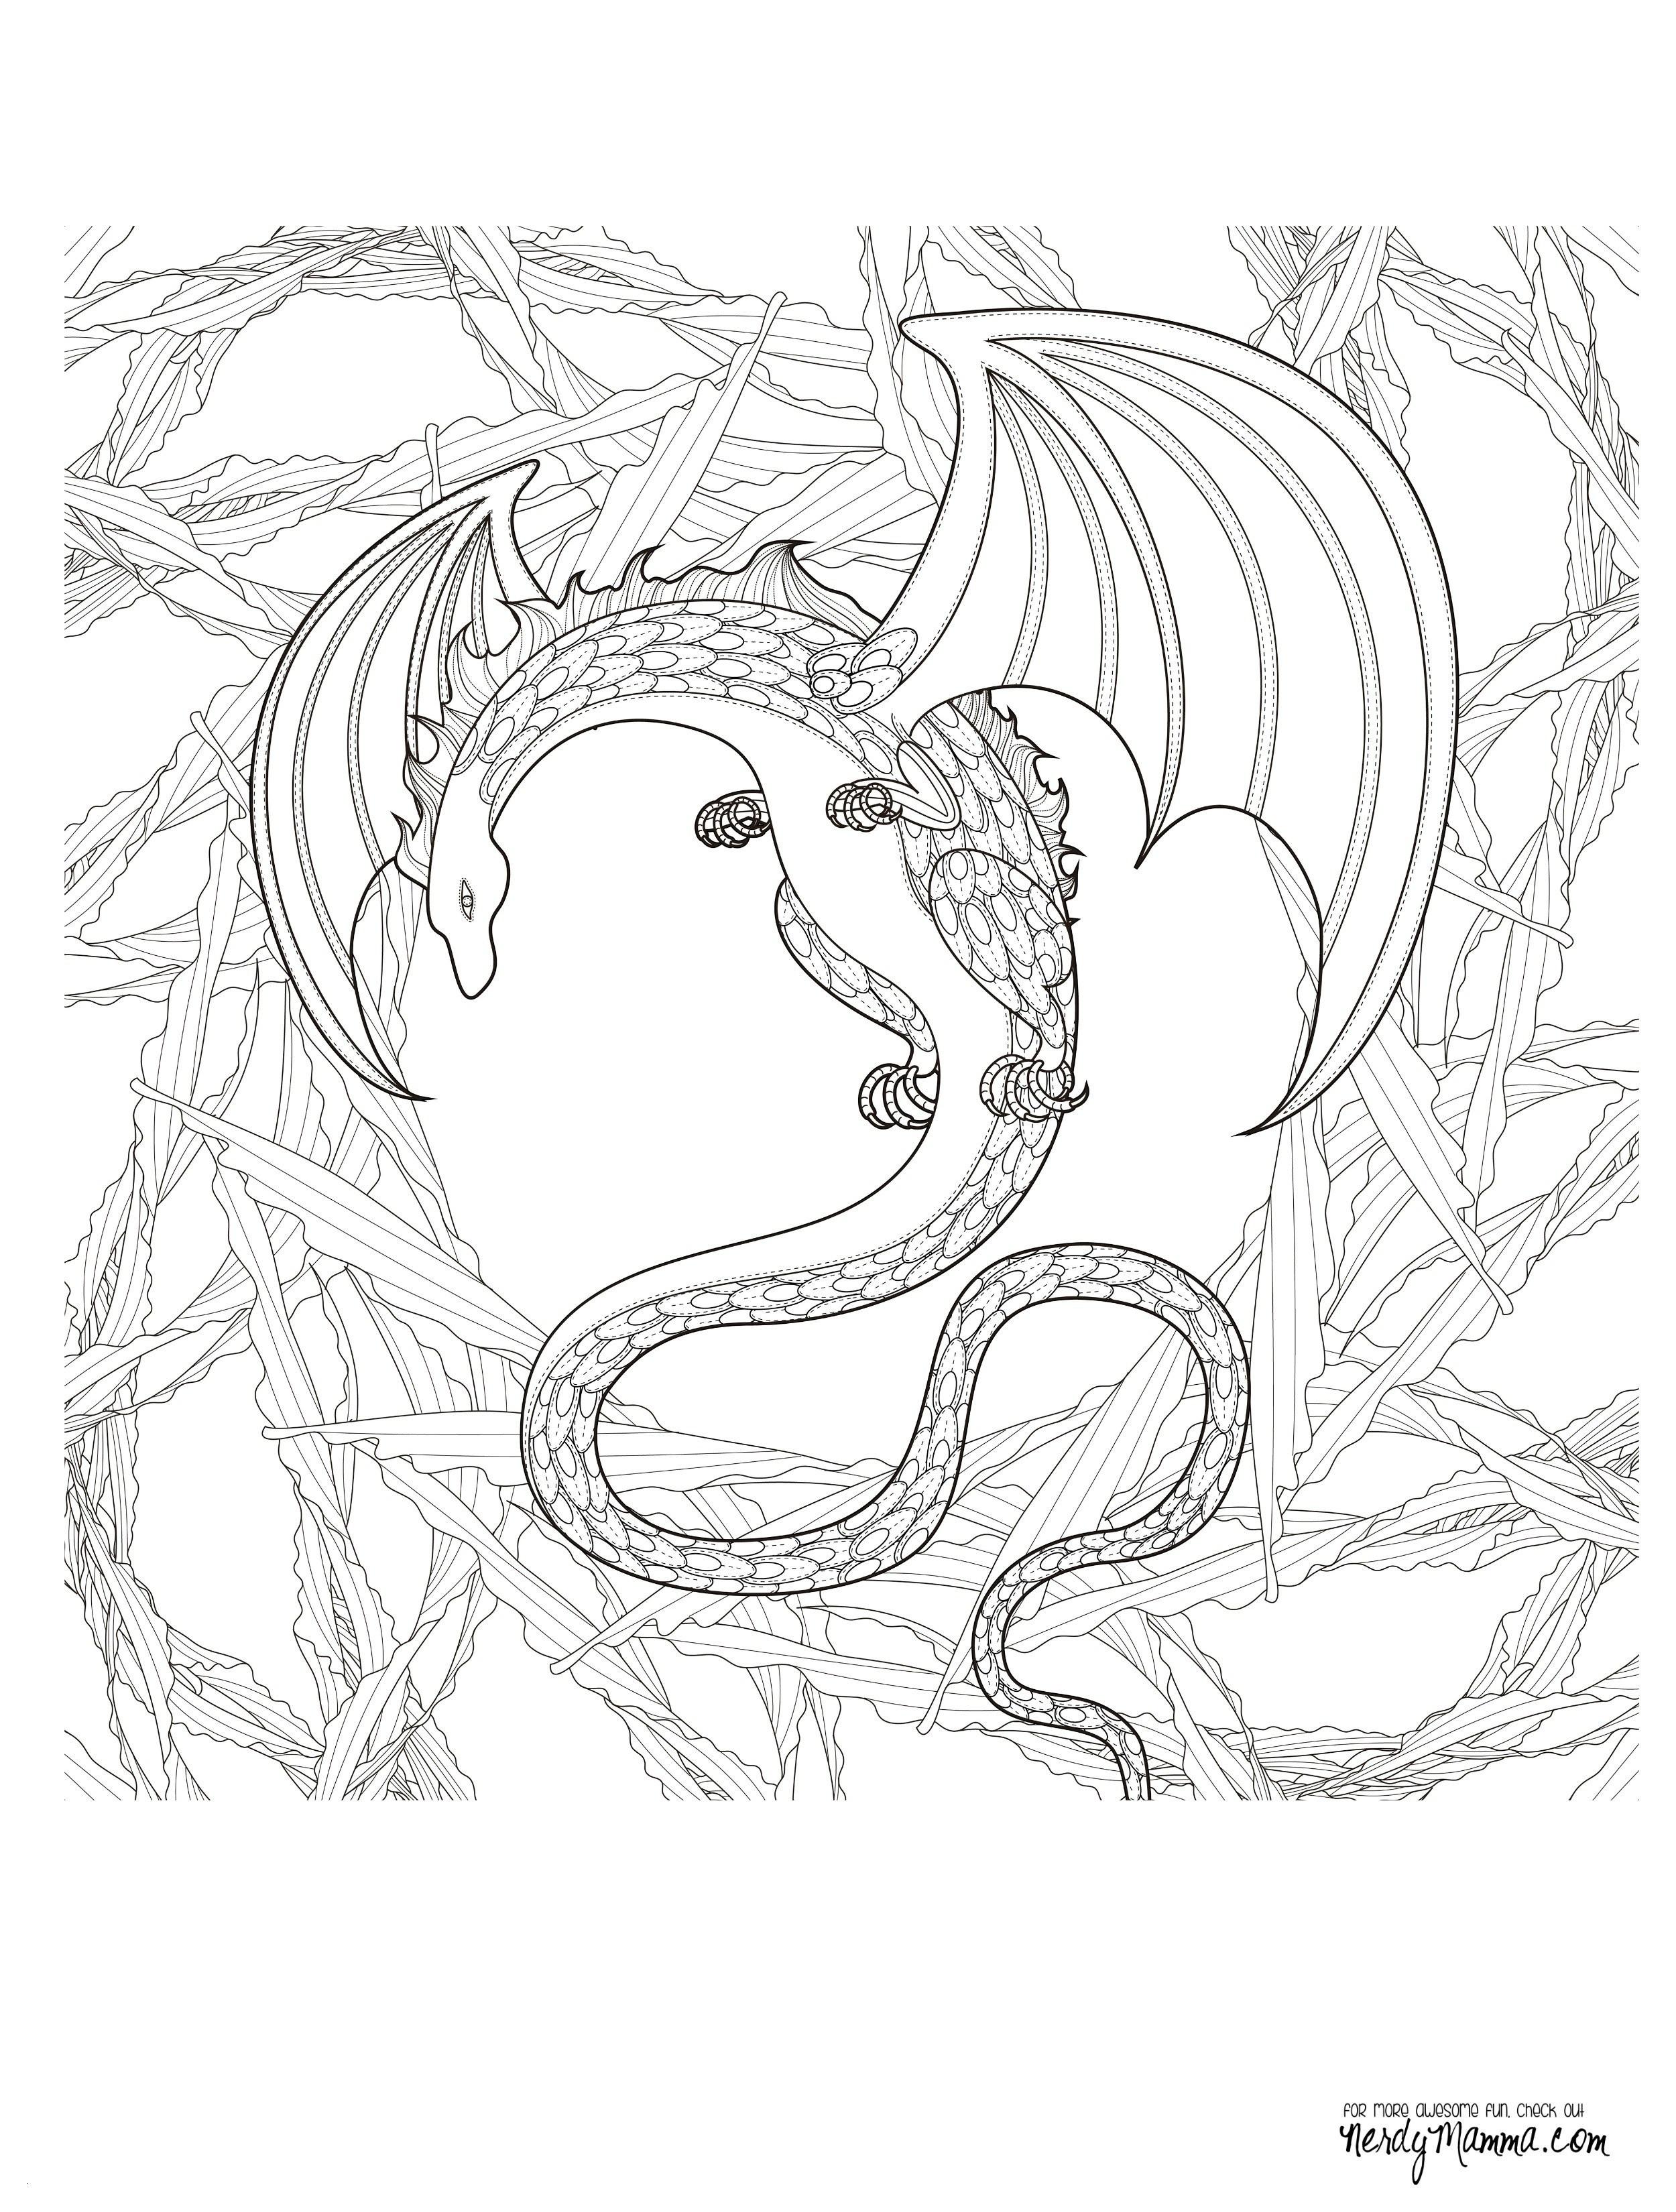 U Boot Ausmalbild Genial Ausmalbilder Mandala Eule Schön Malvorlagen Für Erwachsene Bilder